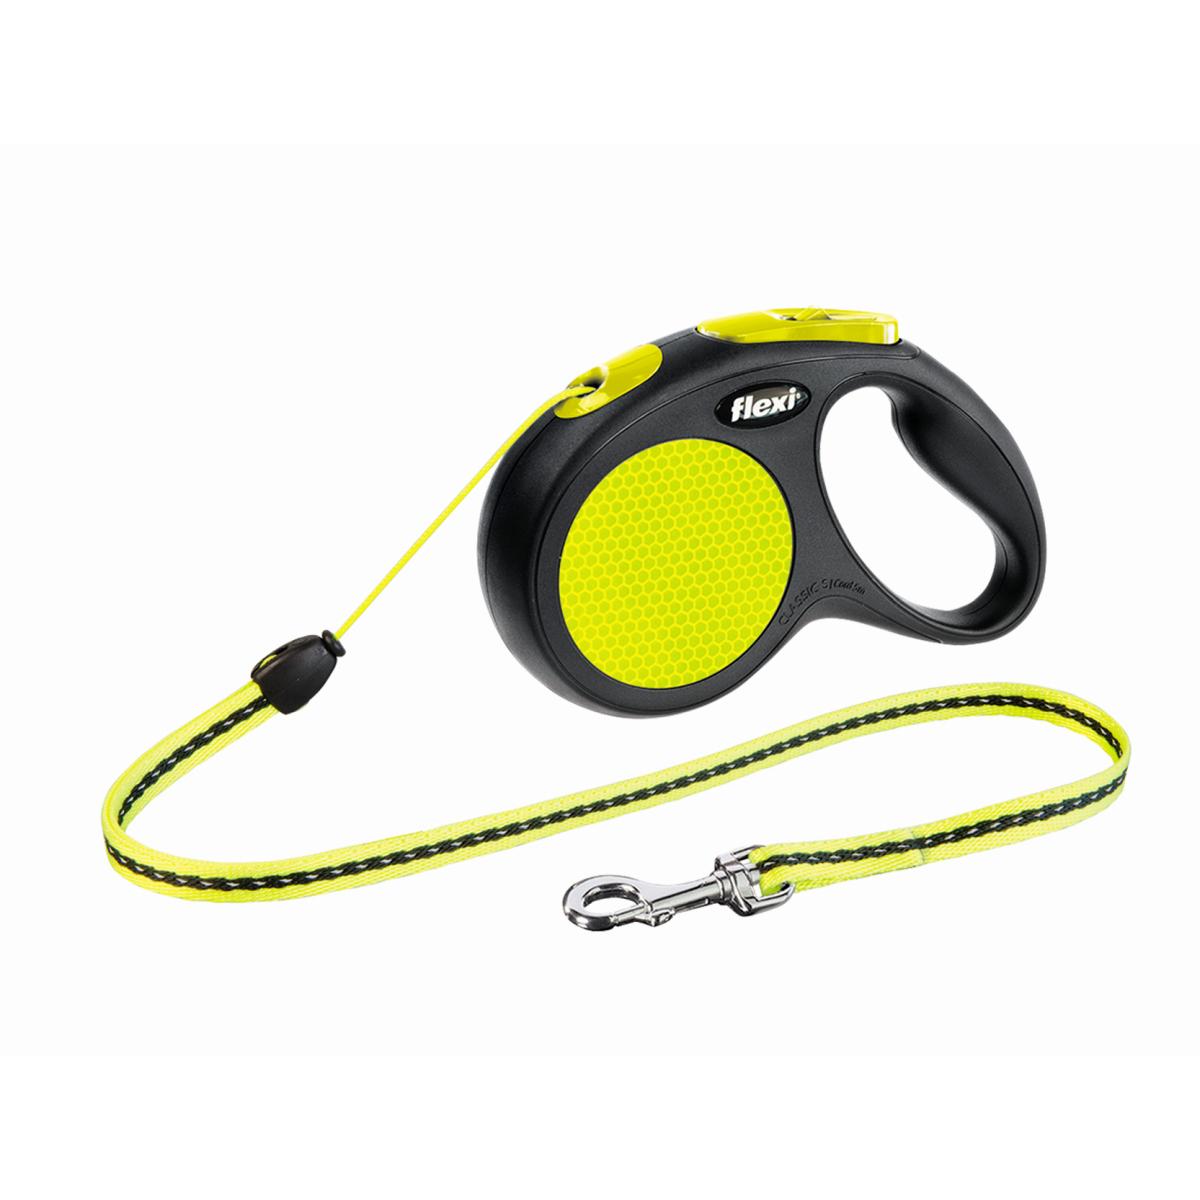 Productafbeelding voor 'Flexi - new classic cord neon'